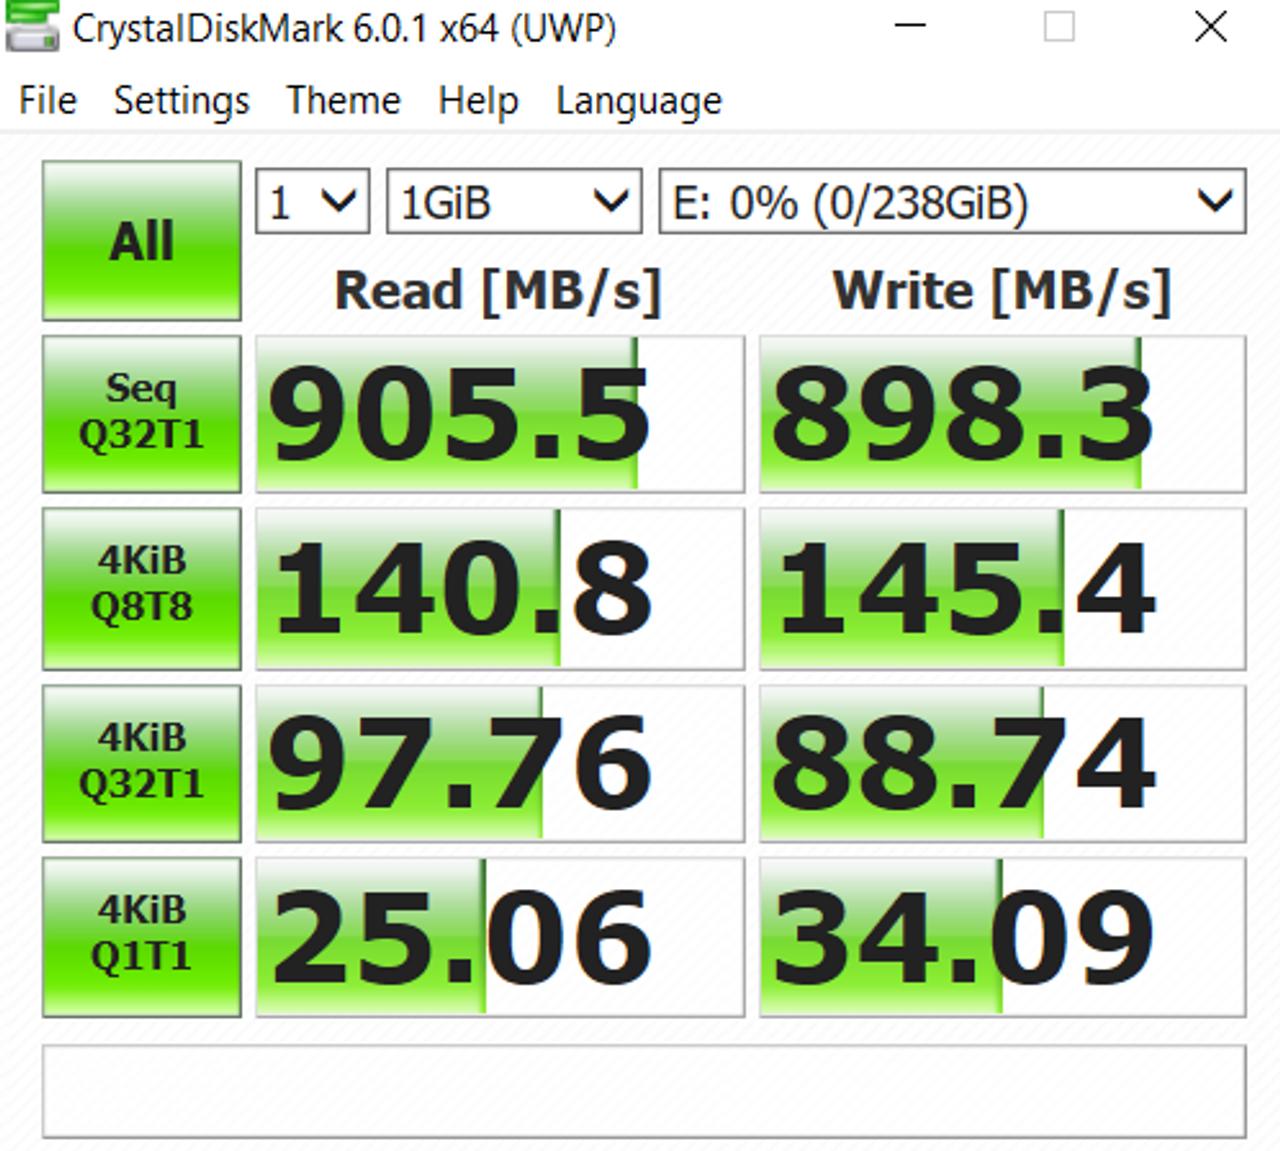 FLEXX USB 3.1 Type-C Enclosure for M.2 PCIe NVMe SSD